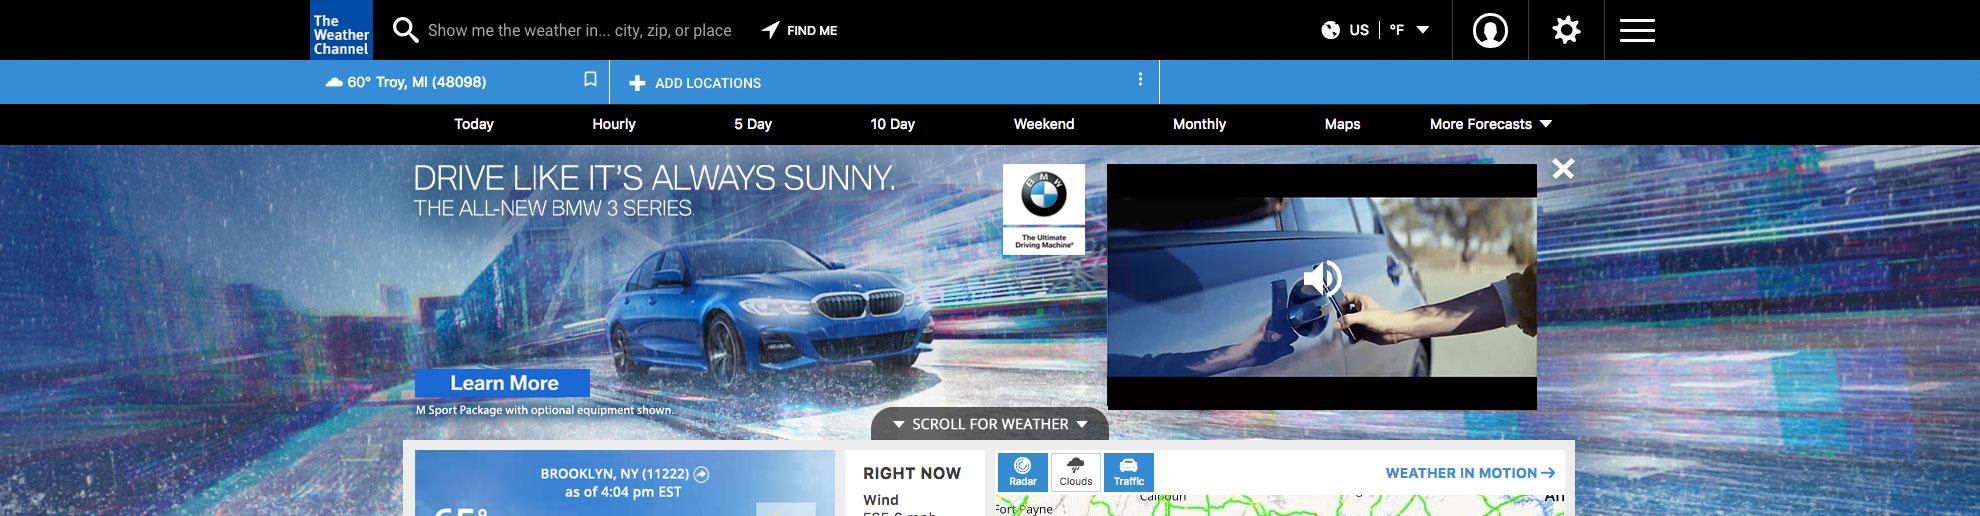 BMW-04_day_rainy